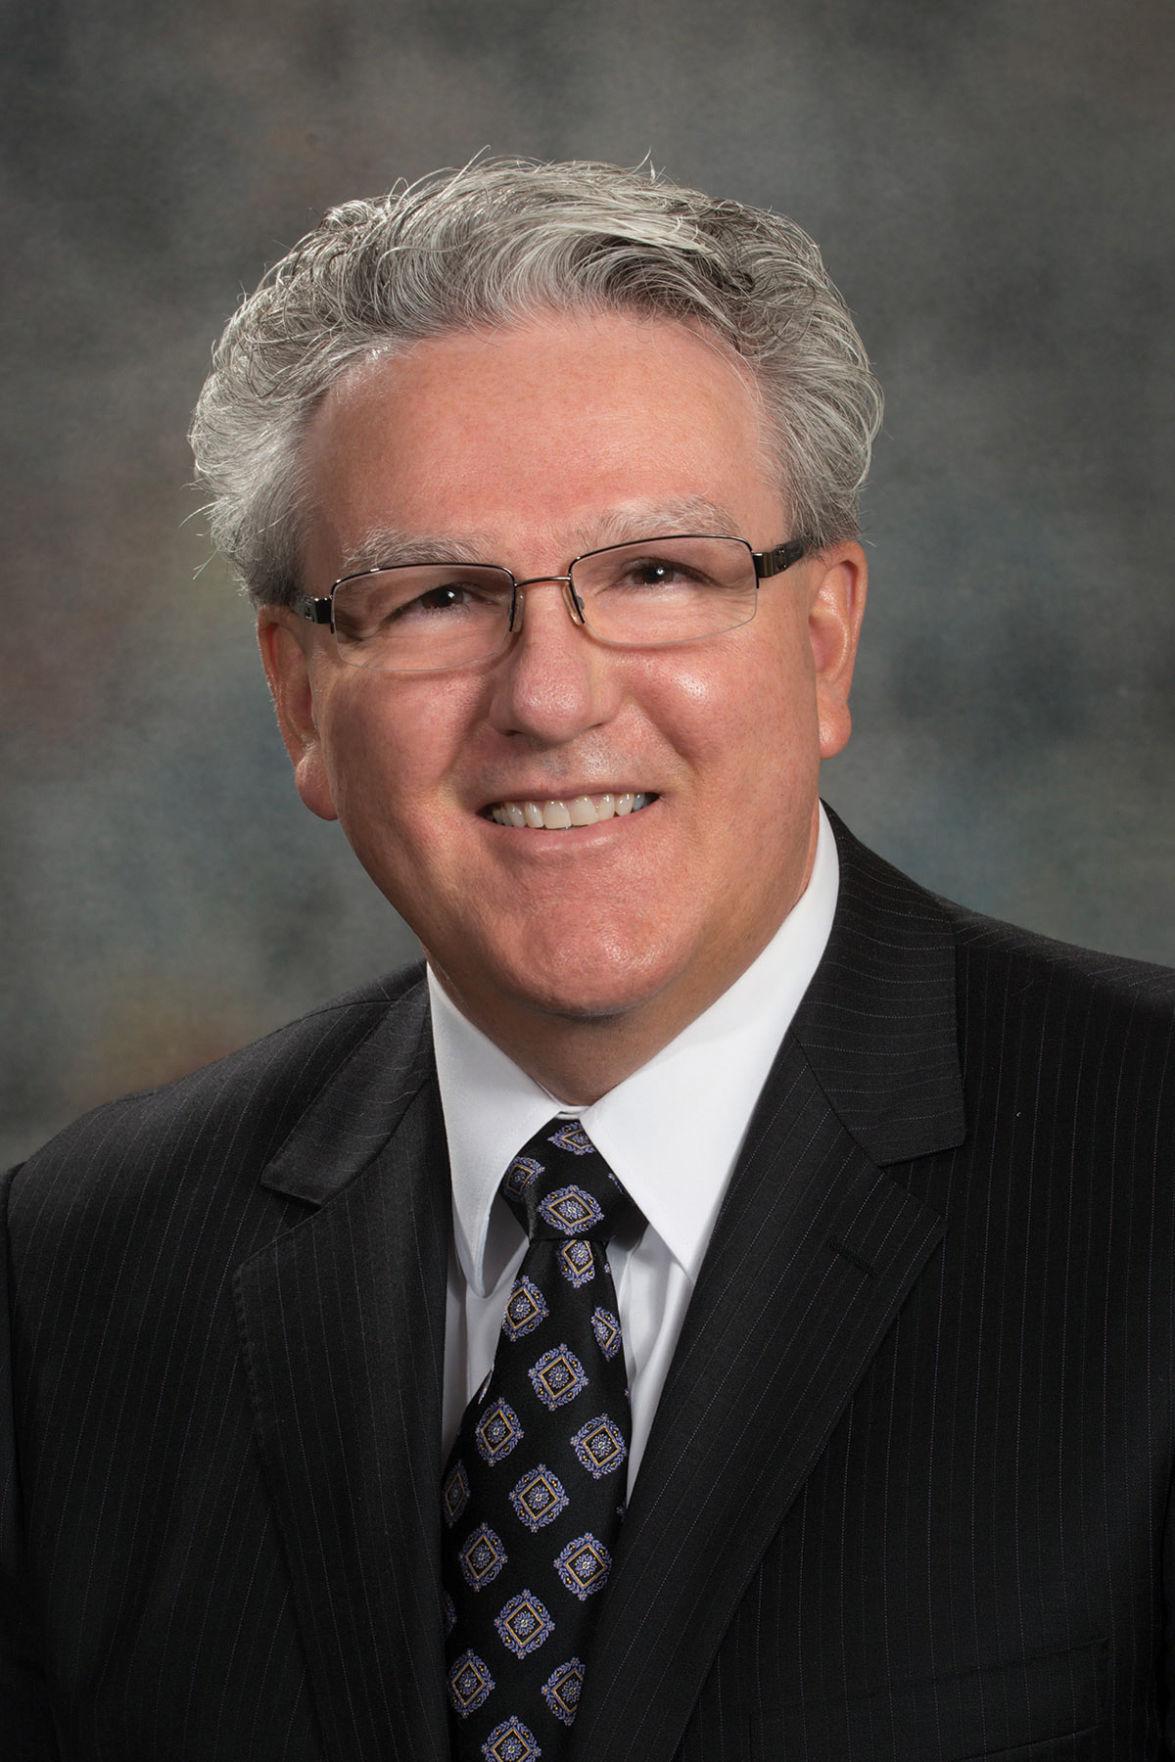 Jim Scheer